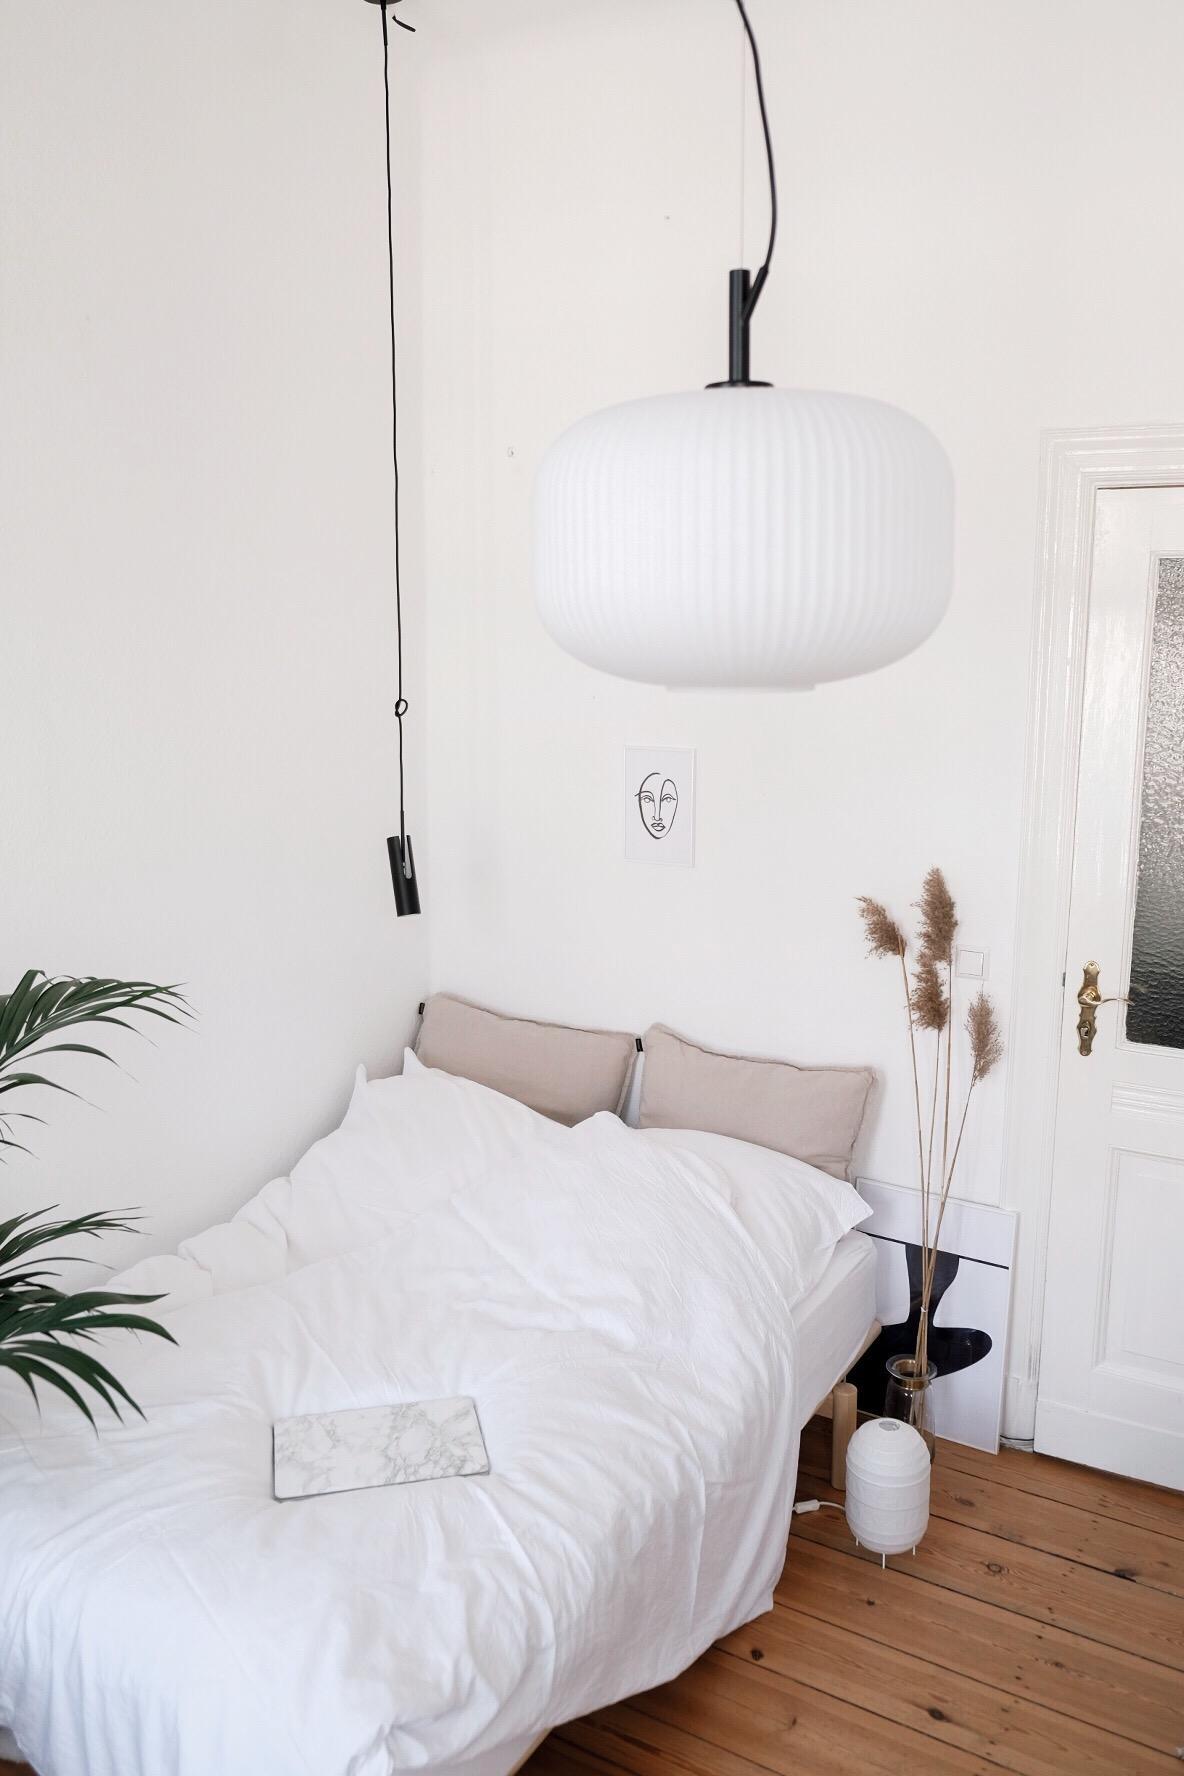 Full Size of Schlafzimmer Deckenleuchte Design Led Deckenleuchten Modern Obi Kaufen Dimmbar Ikea Tipps Und Wohnideen Aus Der Community Deckenlampe Günstig Wohnzimmer Deko Schlafzimmer Schlafzimmer Deckenleuchte